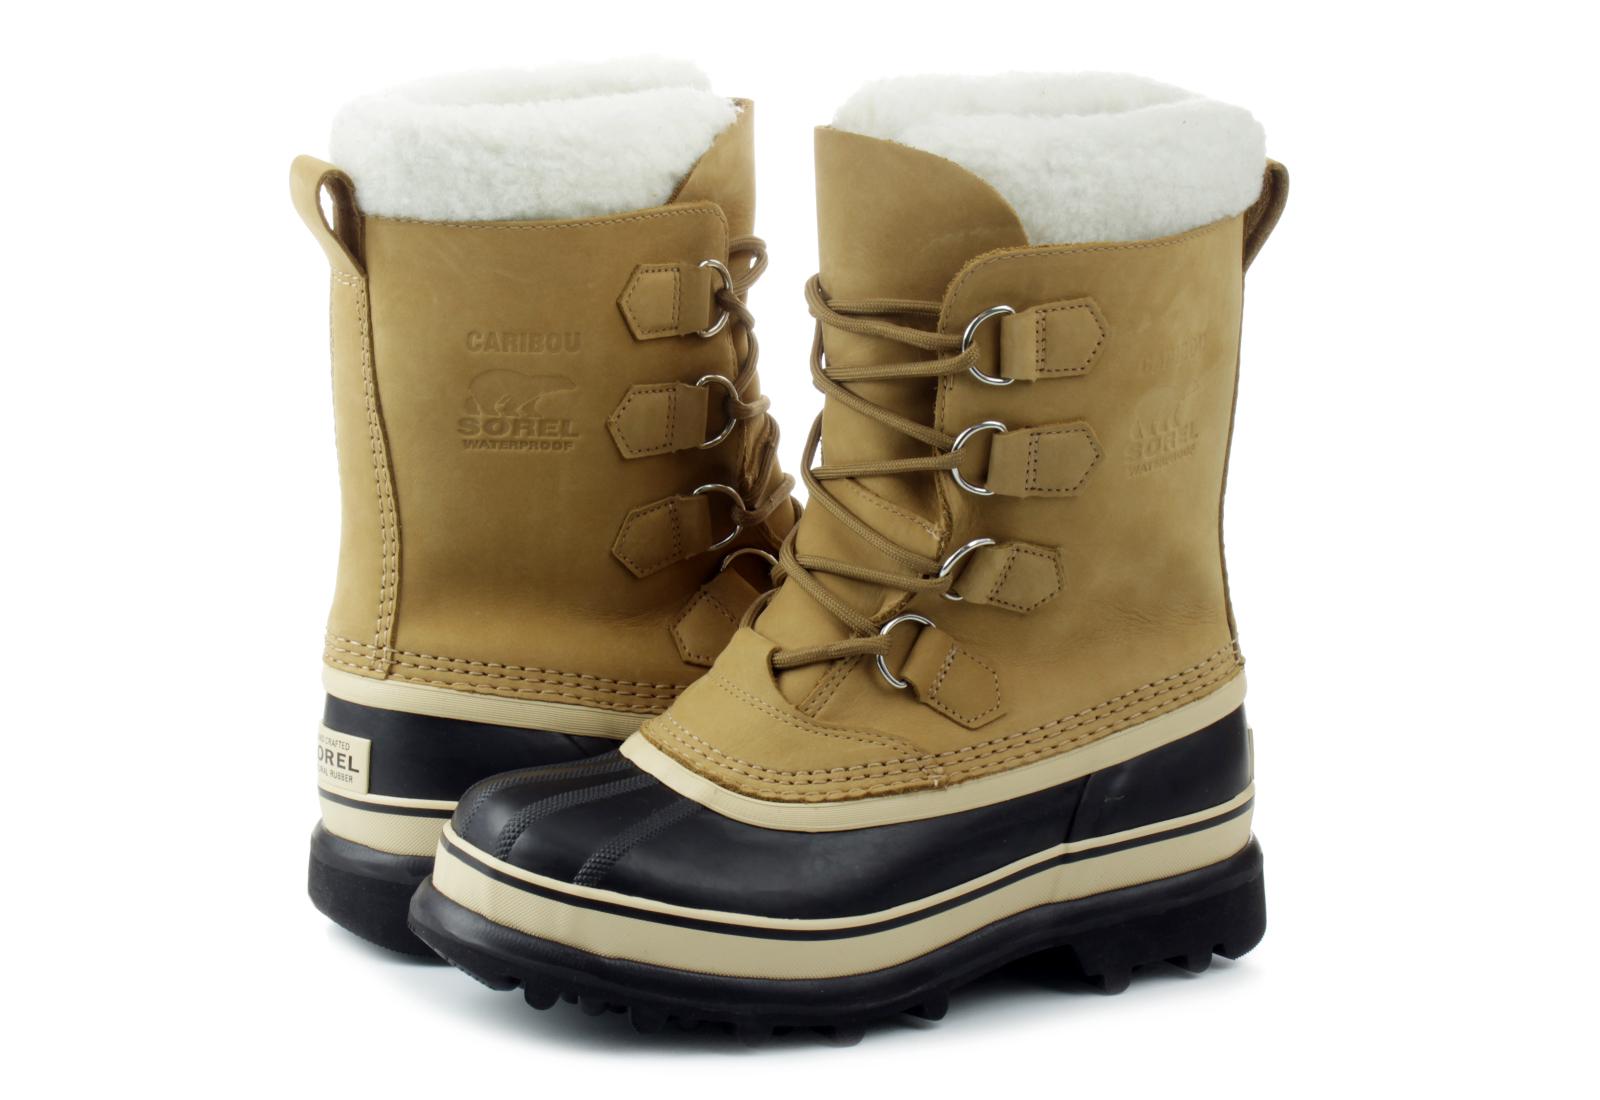 5791b205a7 Sorel Csizma - Caribou - 1003812-280 - Office Shoes Magyarország